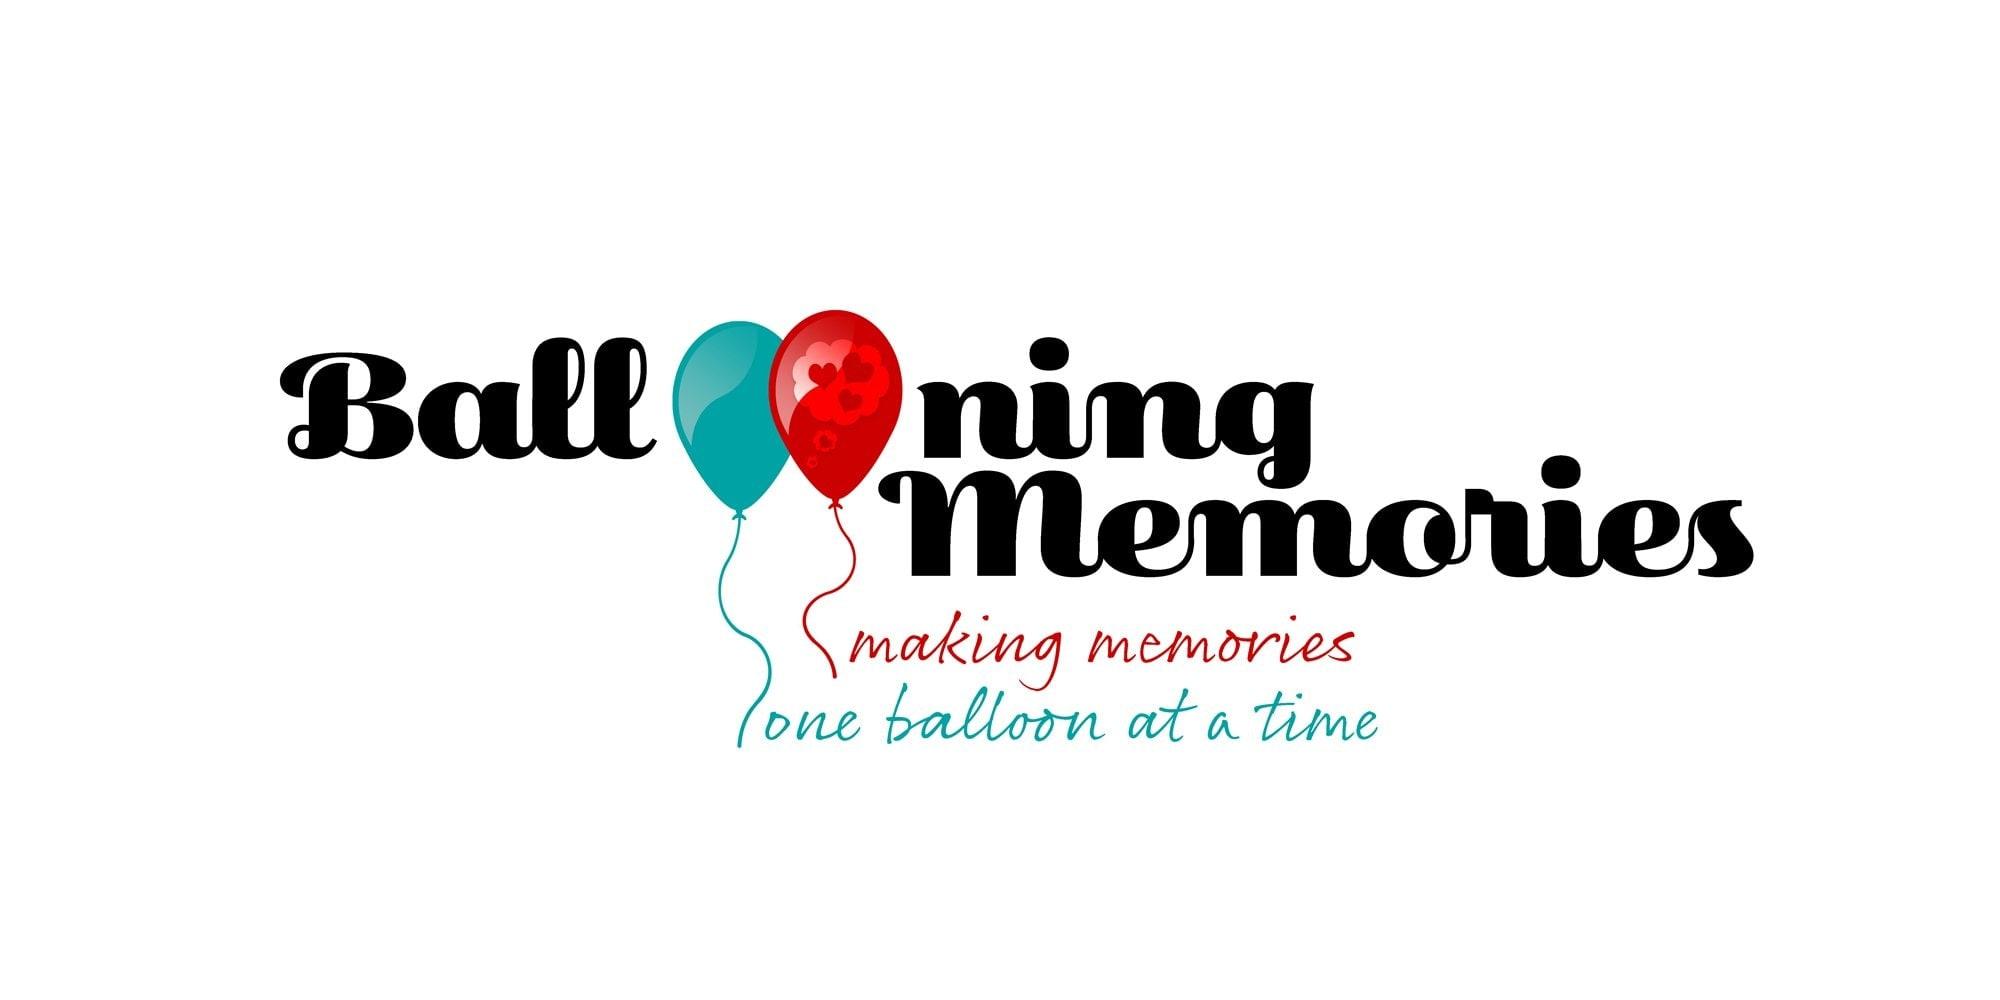 Ballooning Memories